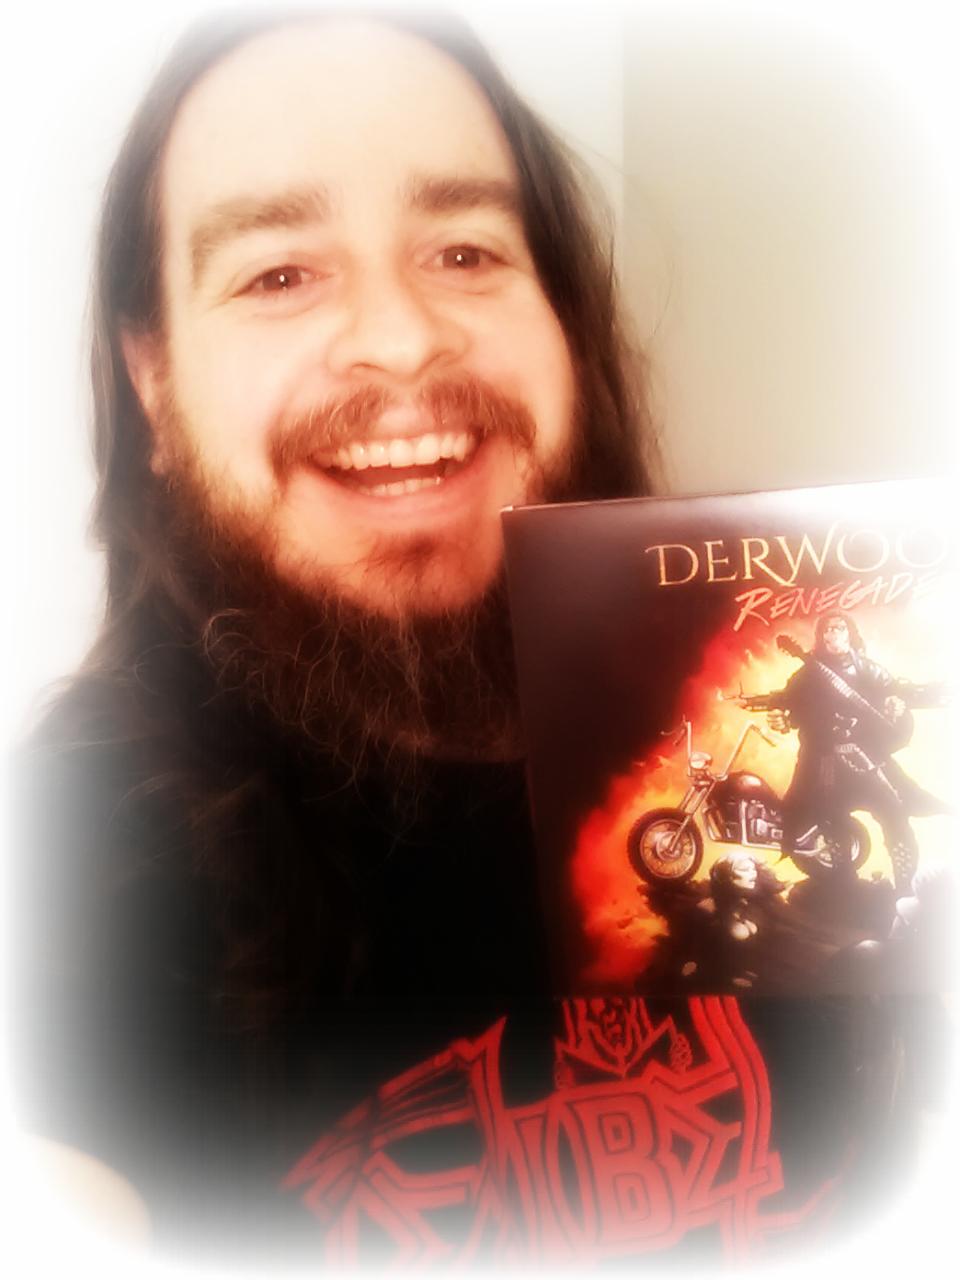 Derwood_decibel.png